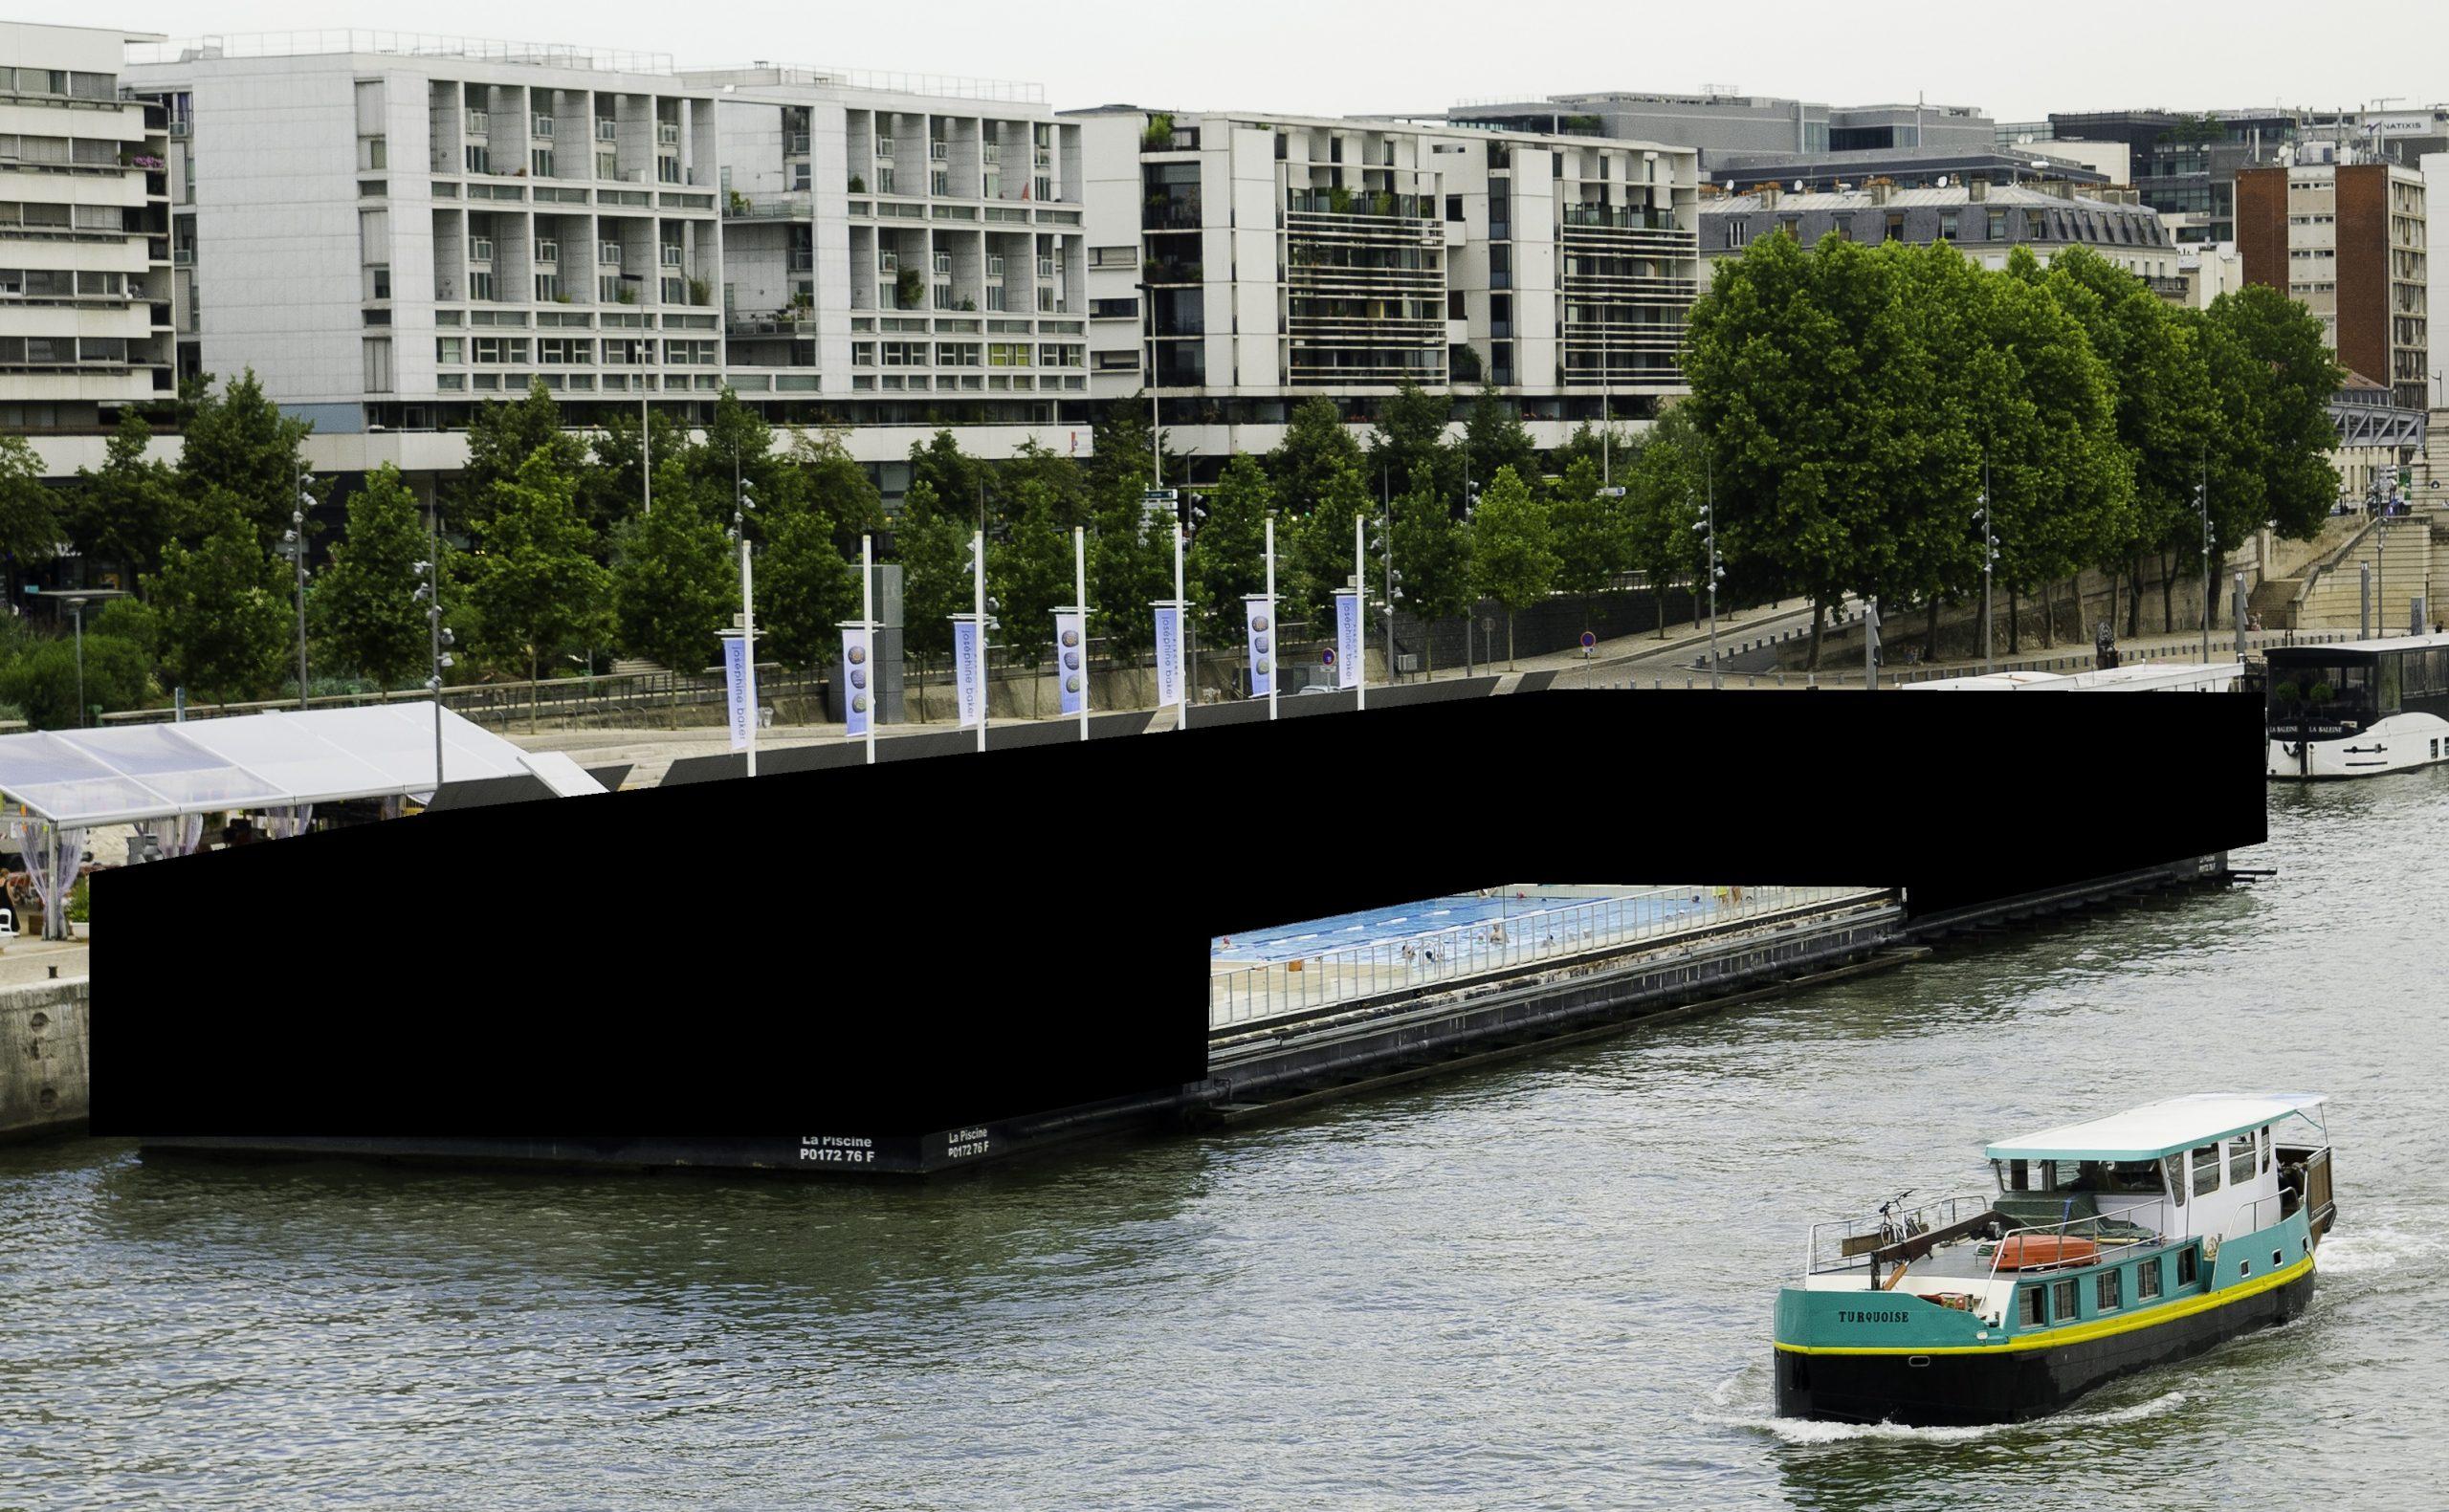 File:piscine Joséphine Baker Ouverte Paris.jpg - Wikimedia ... dedans Piscine Ouverte Paris